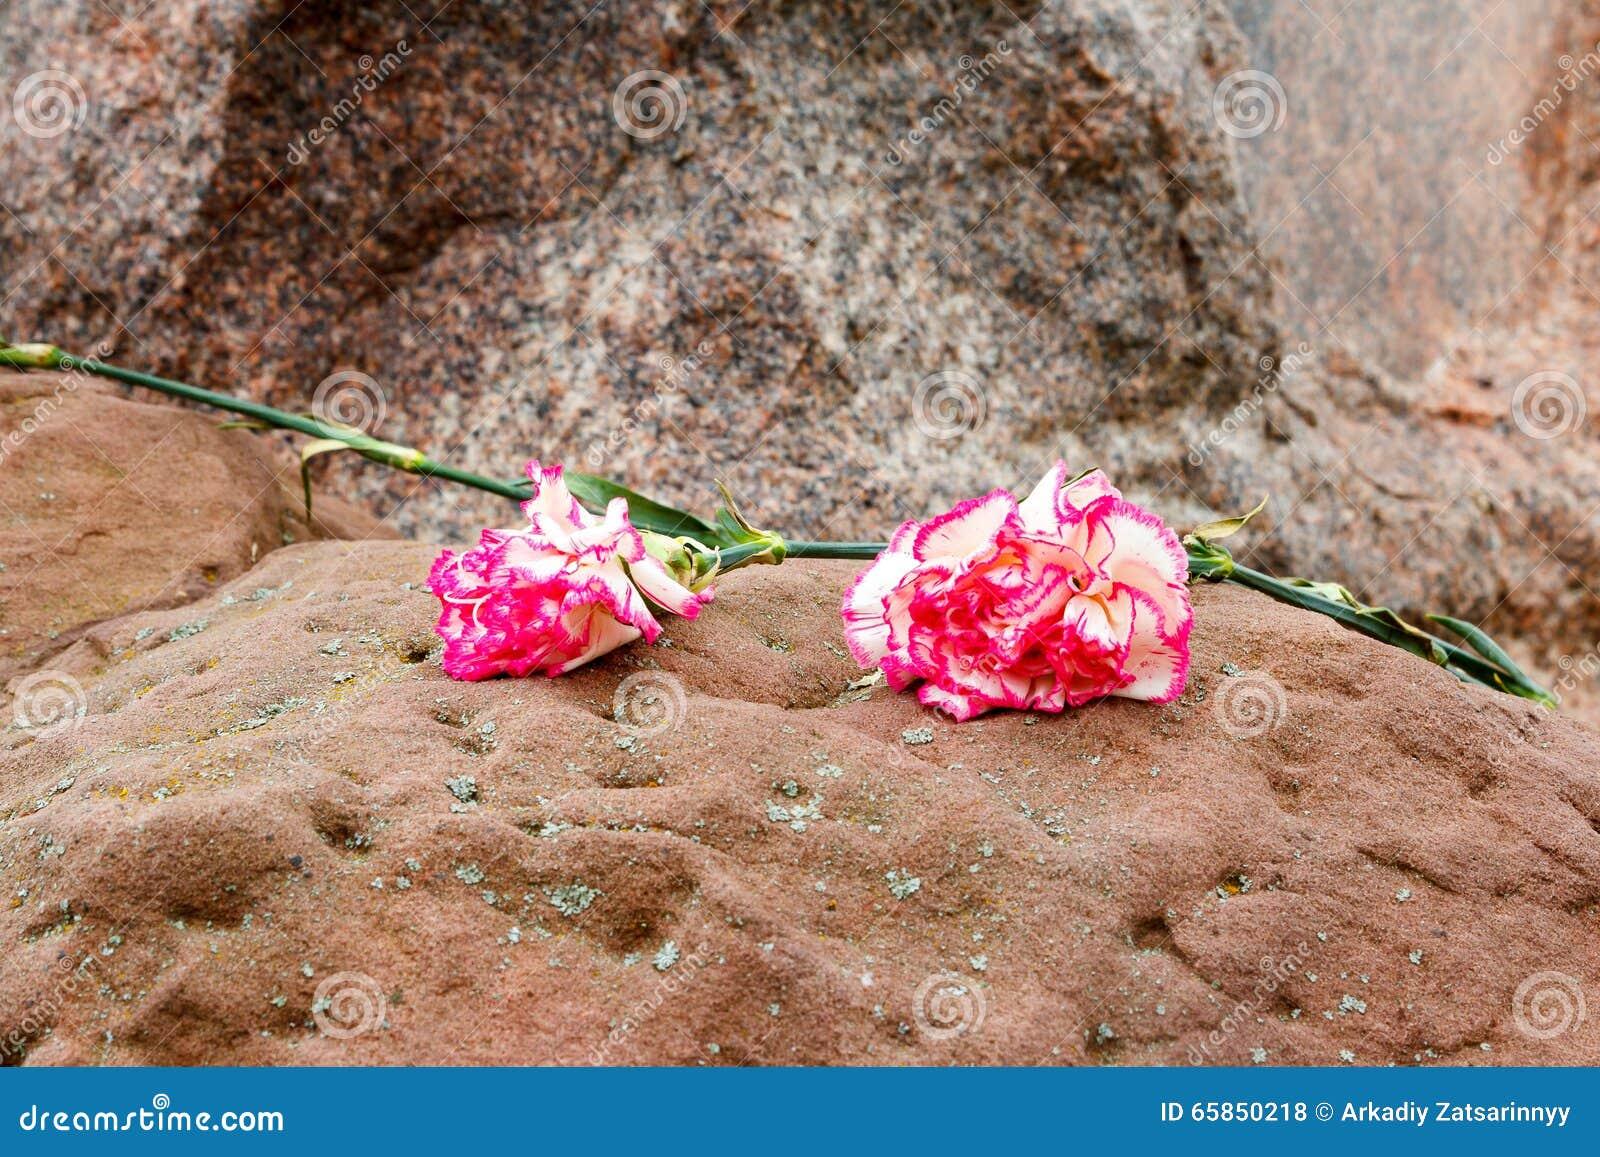 Zwei rosa Gartennelken auf einem Stein